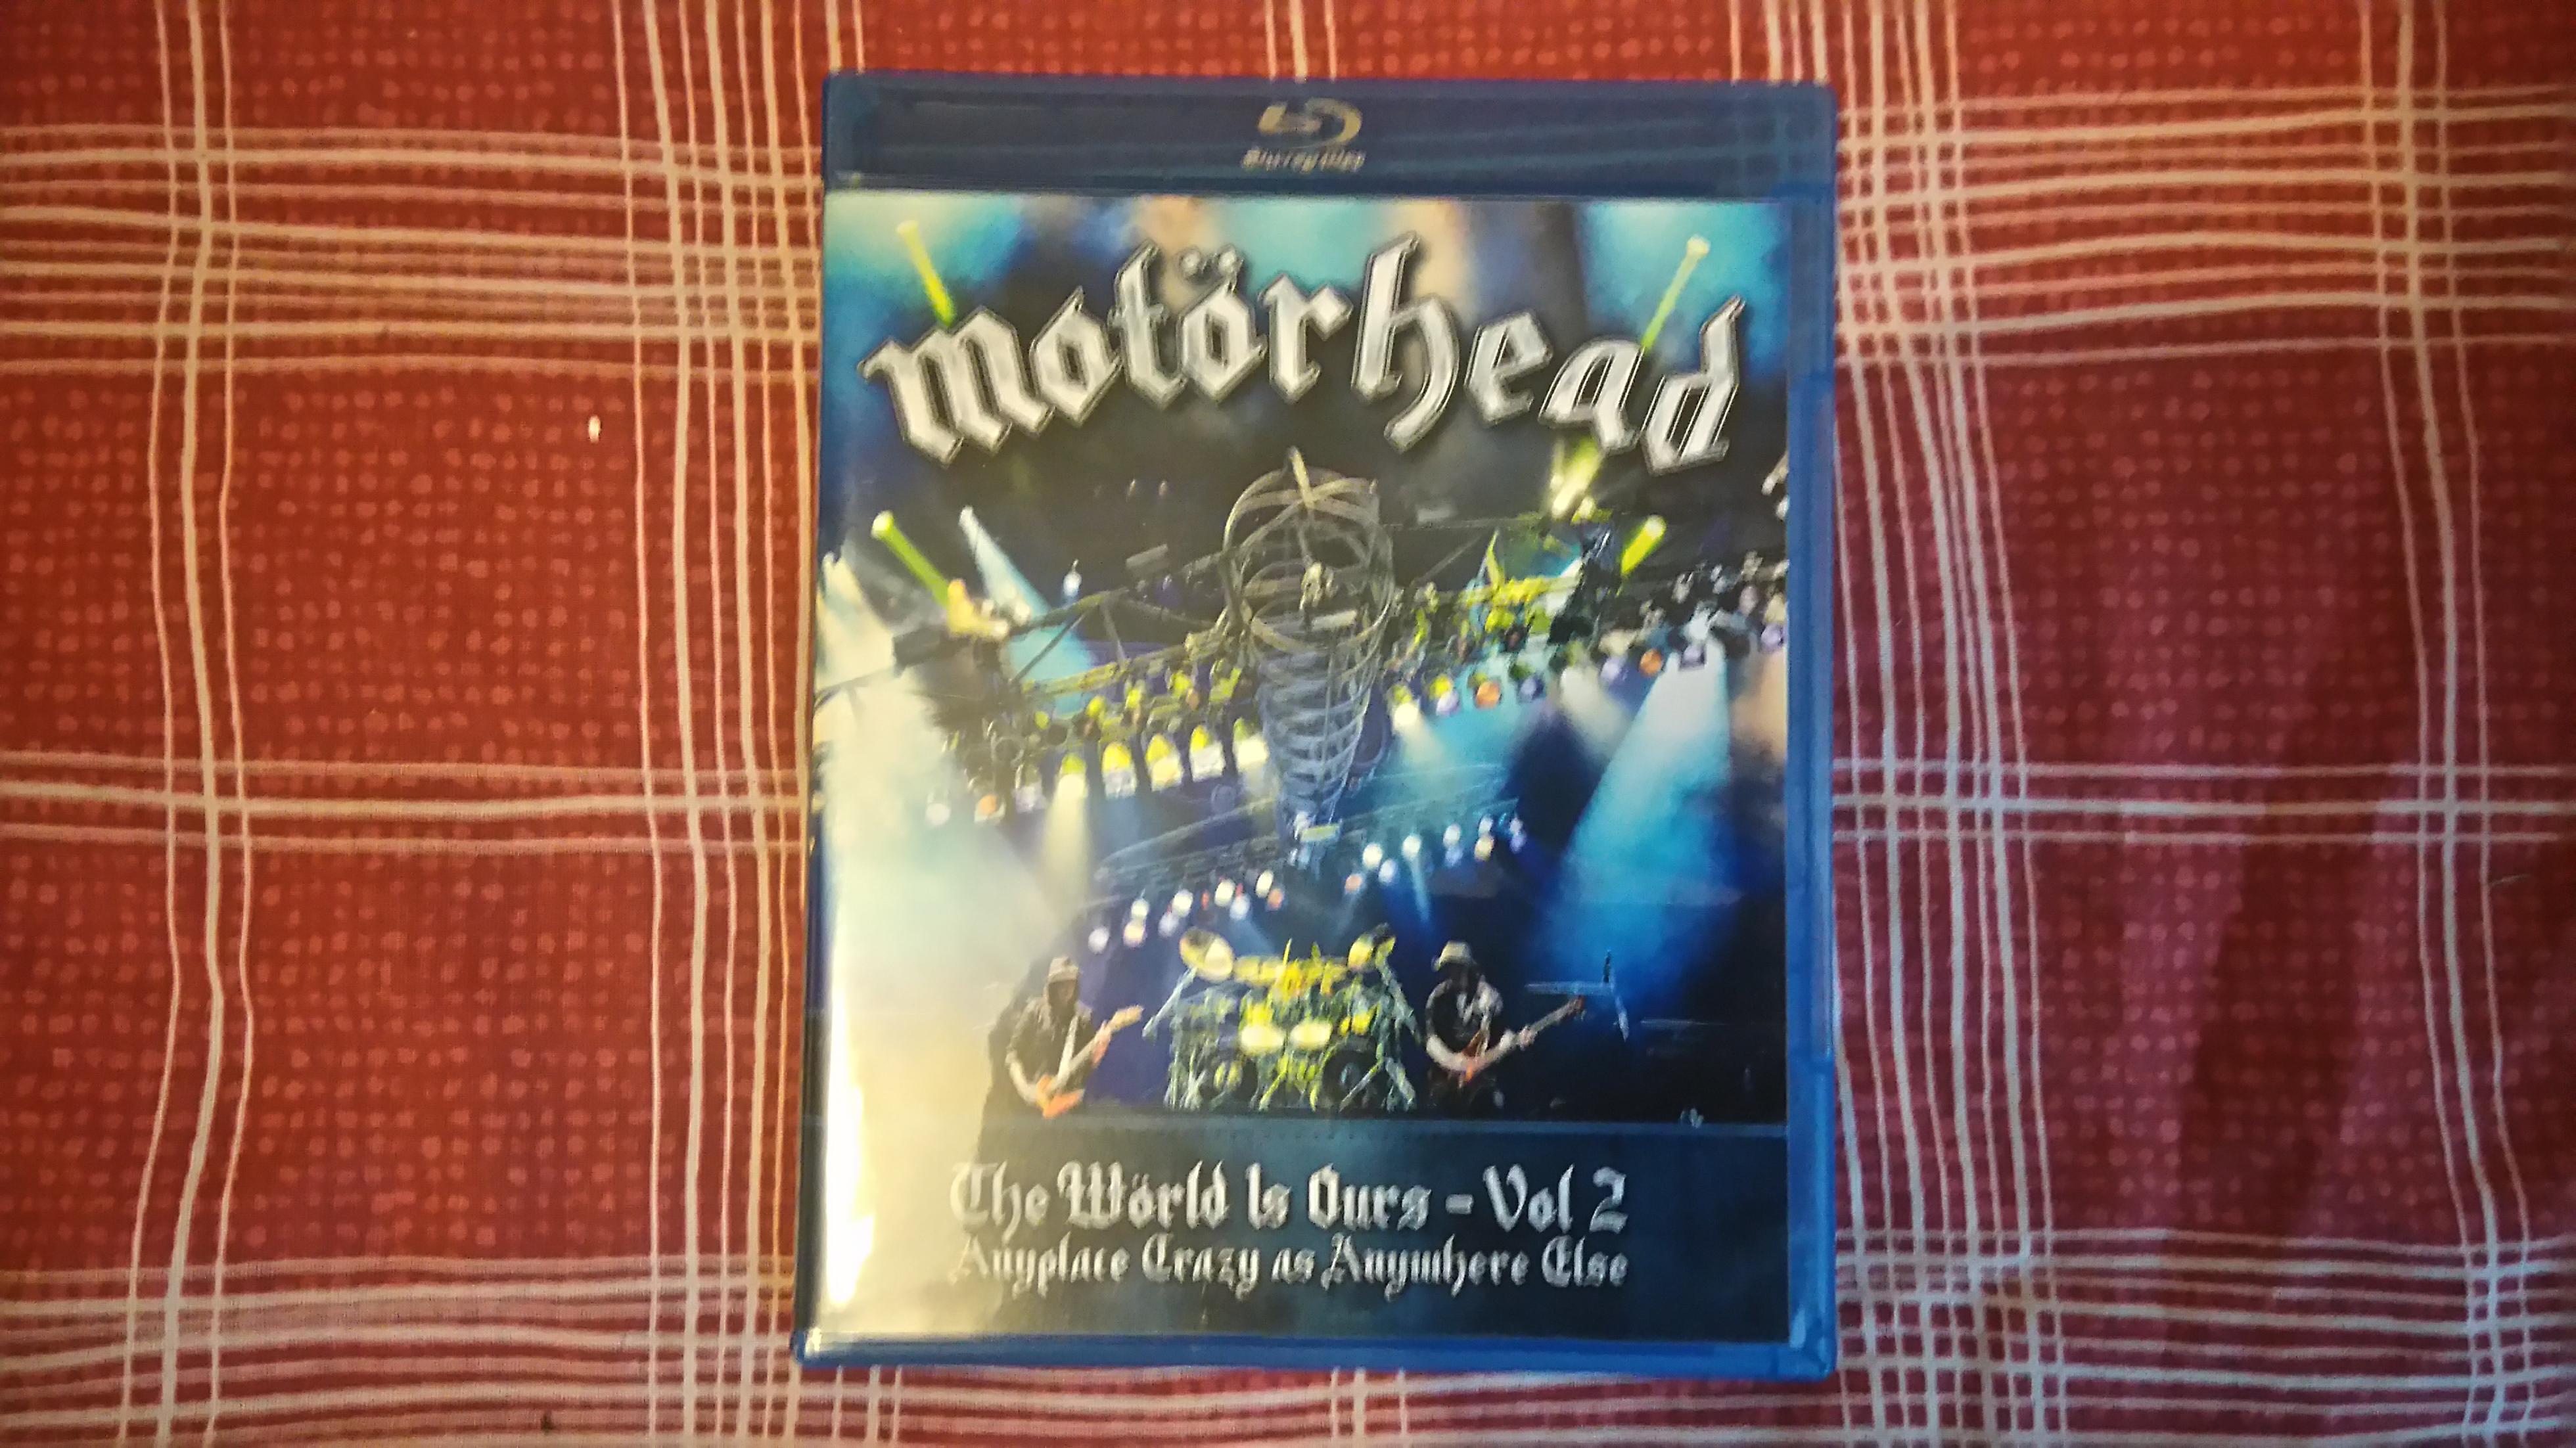 Motorhead blu.JPG